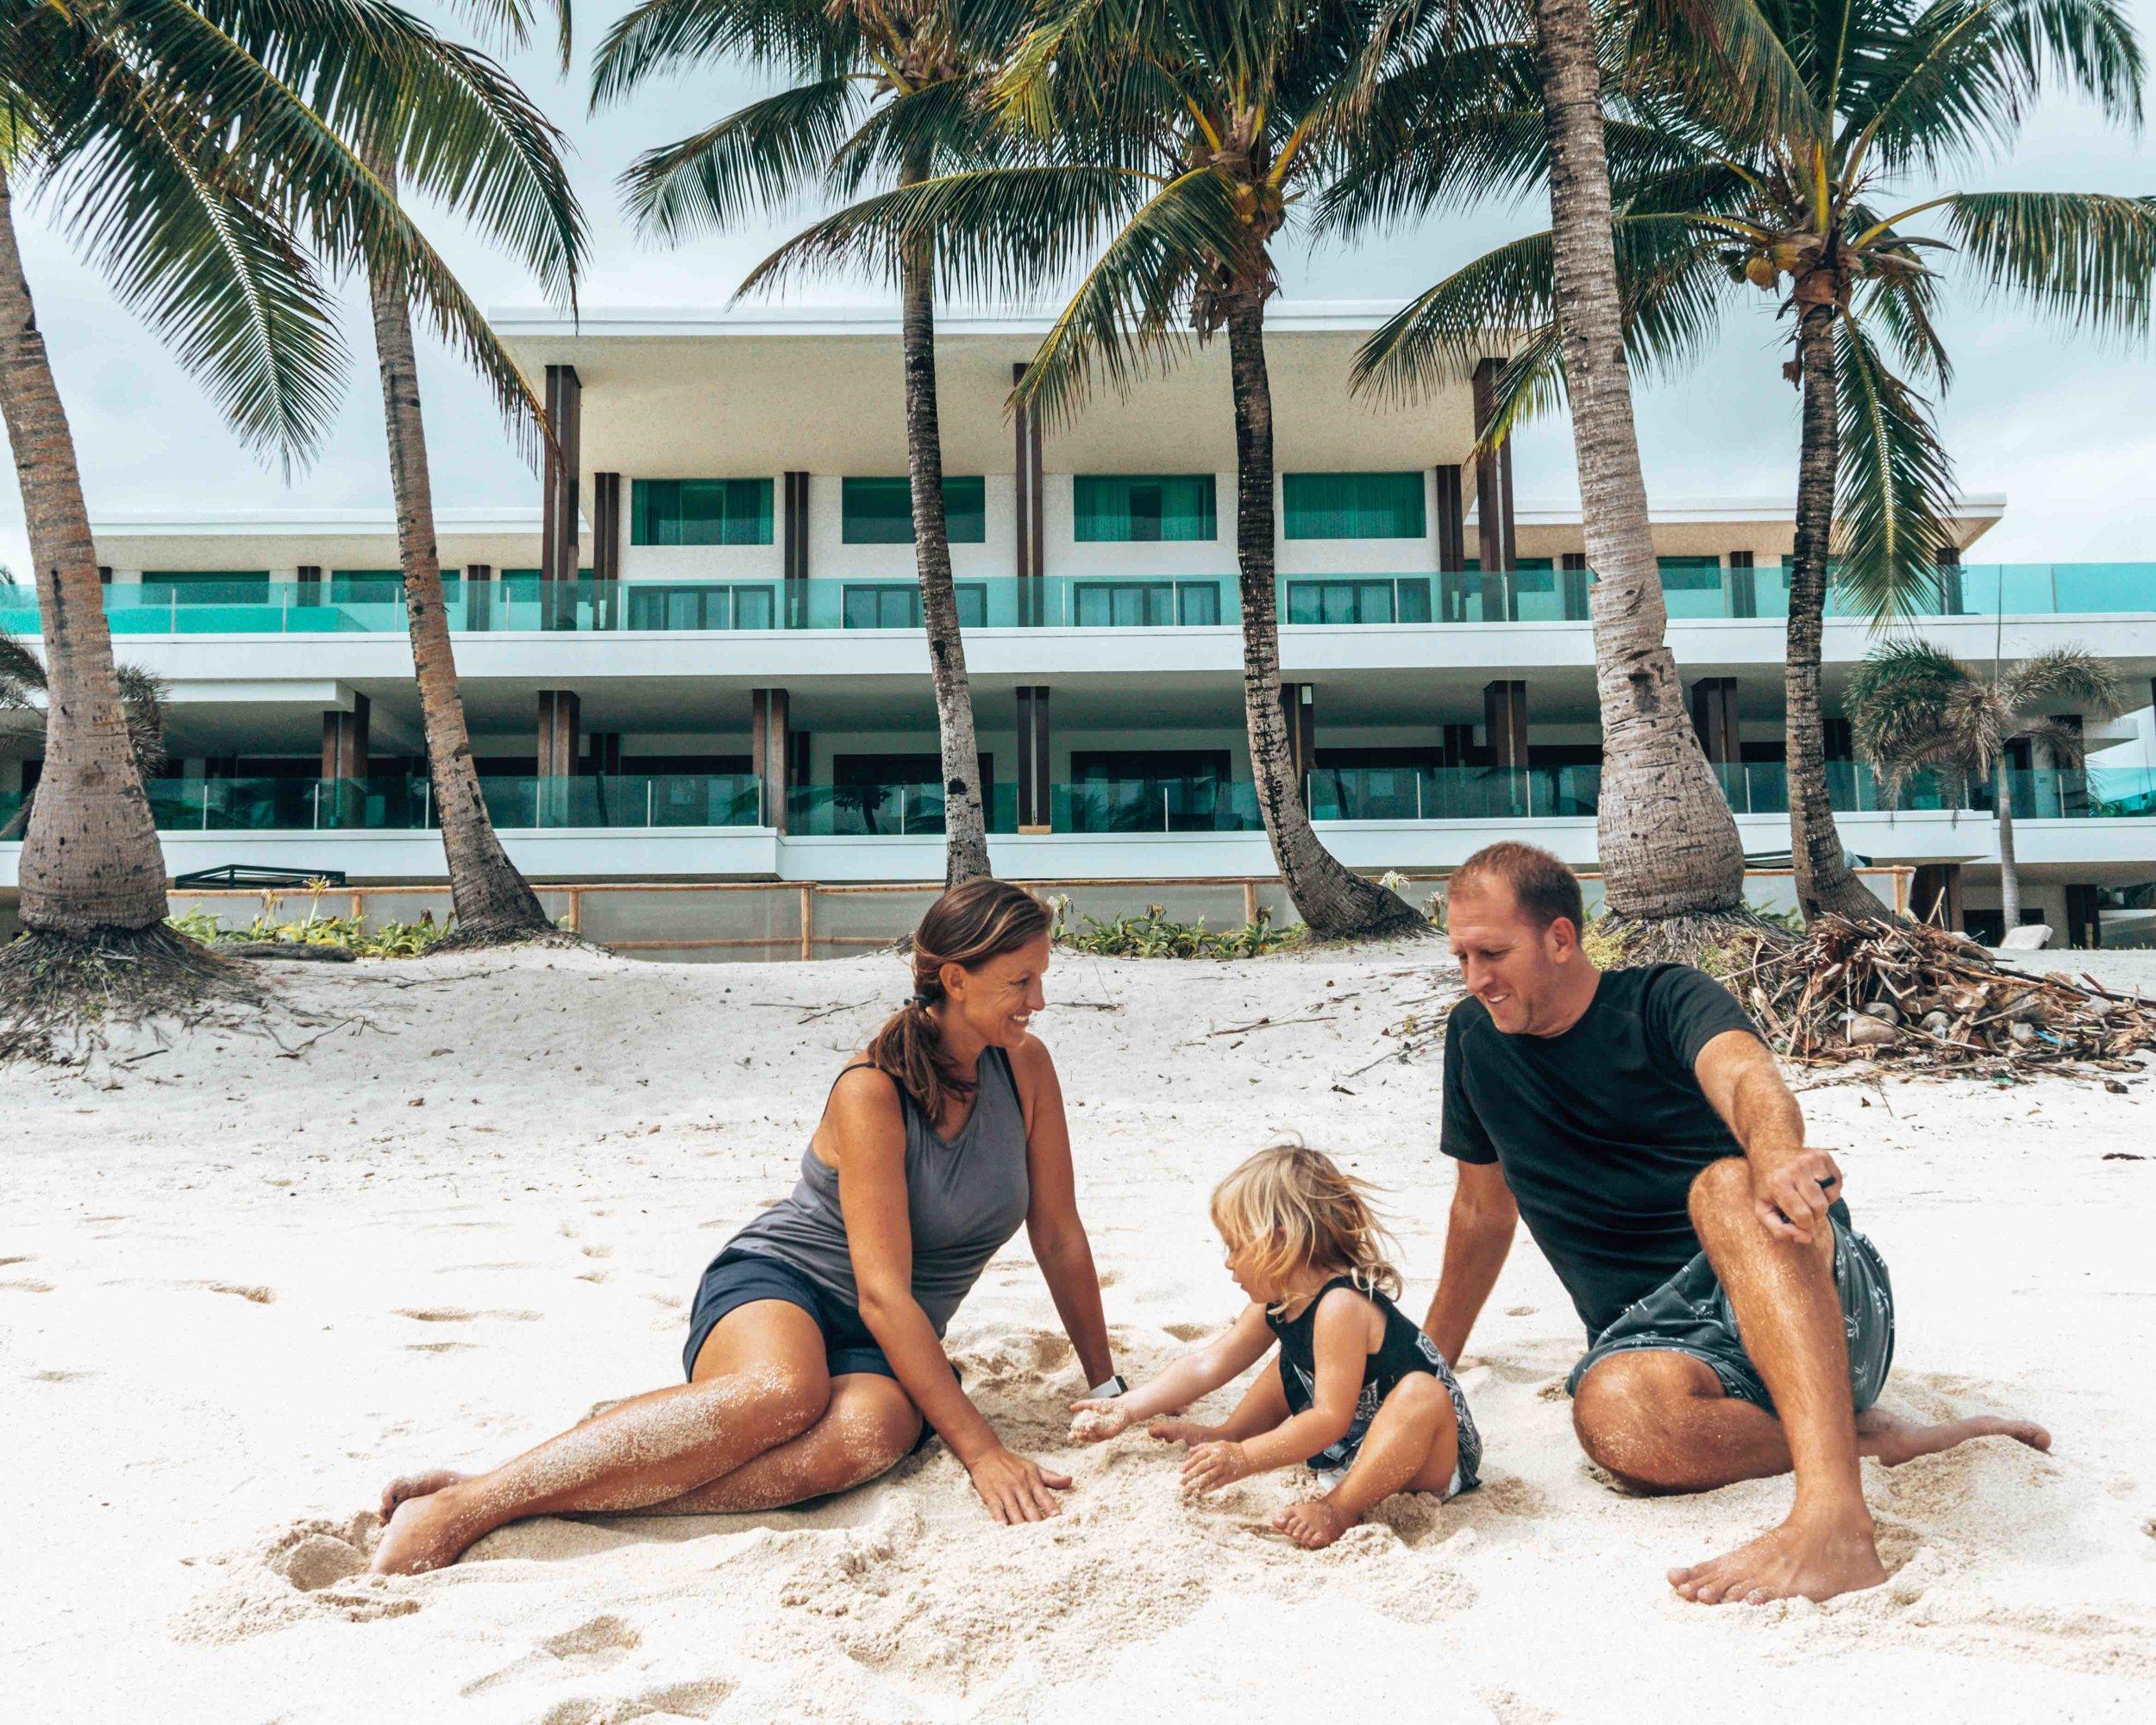 Lifestyle_family_beach_island_sand castles_fun_under the stars_boracay.jpg